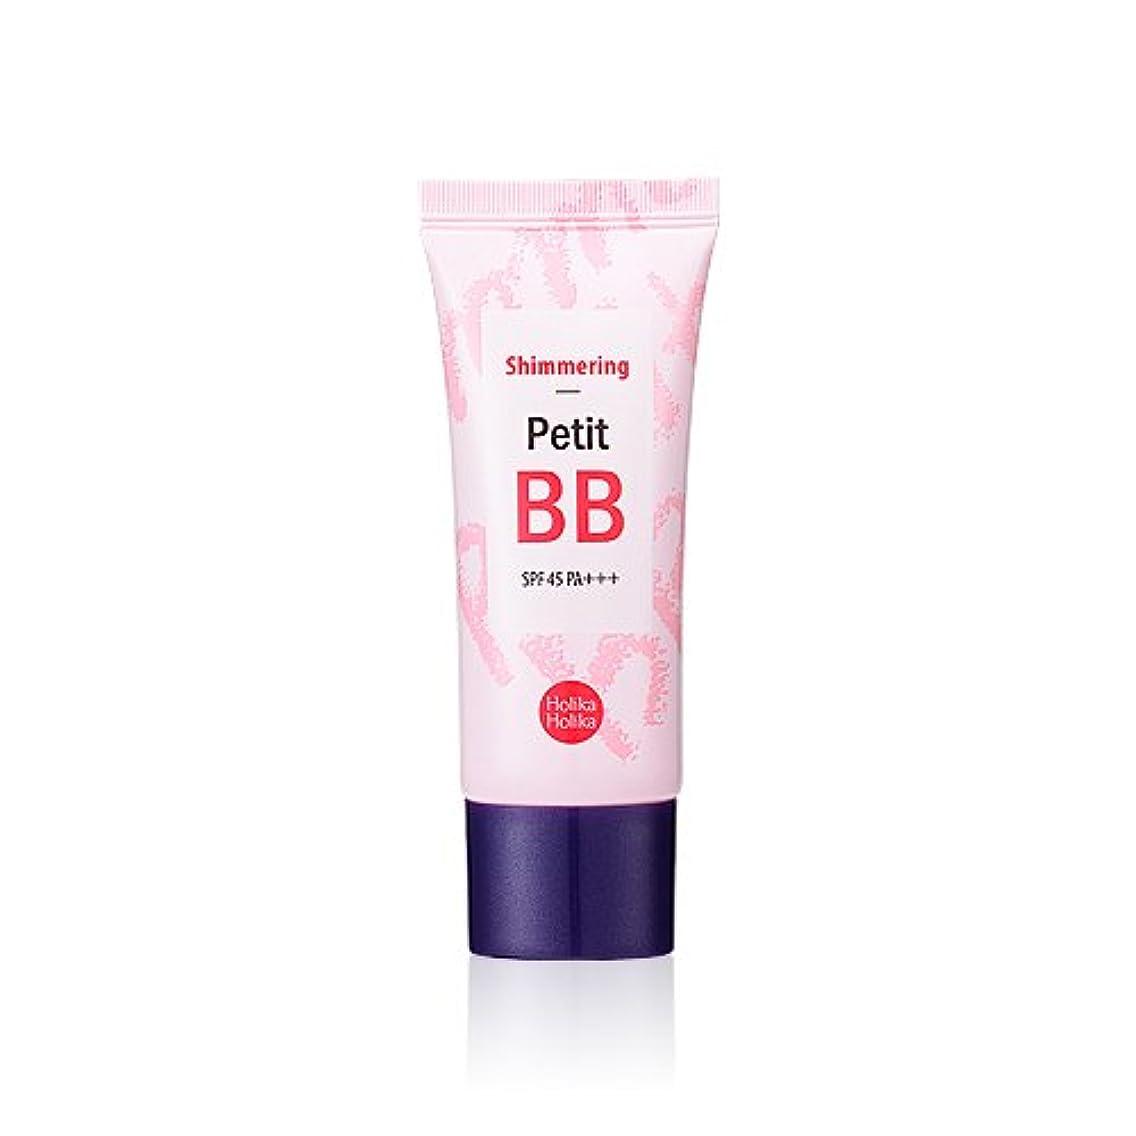 引退した純粋な定説Holika Holika Petit BB Cream Shimmering SPF45 PA+++ 30mlホリカホリカ プチ BB シューマーリングSPF45 PA+++ 30ml [並行輸入品]